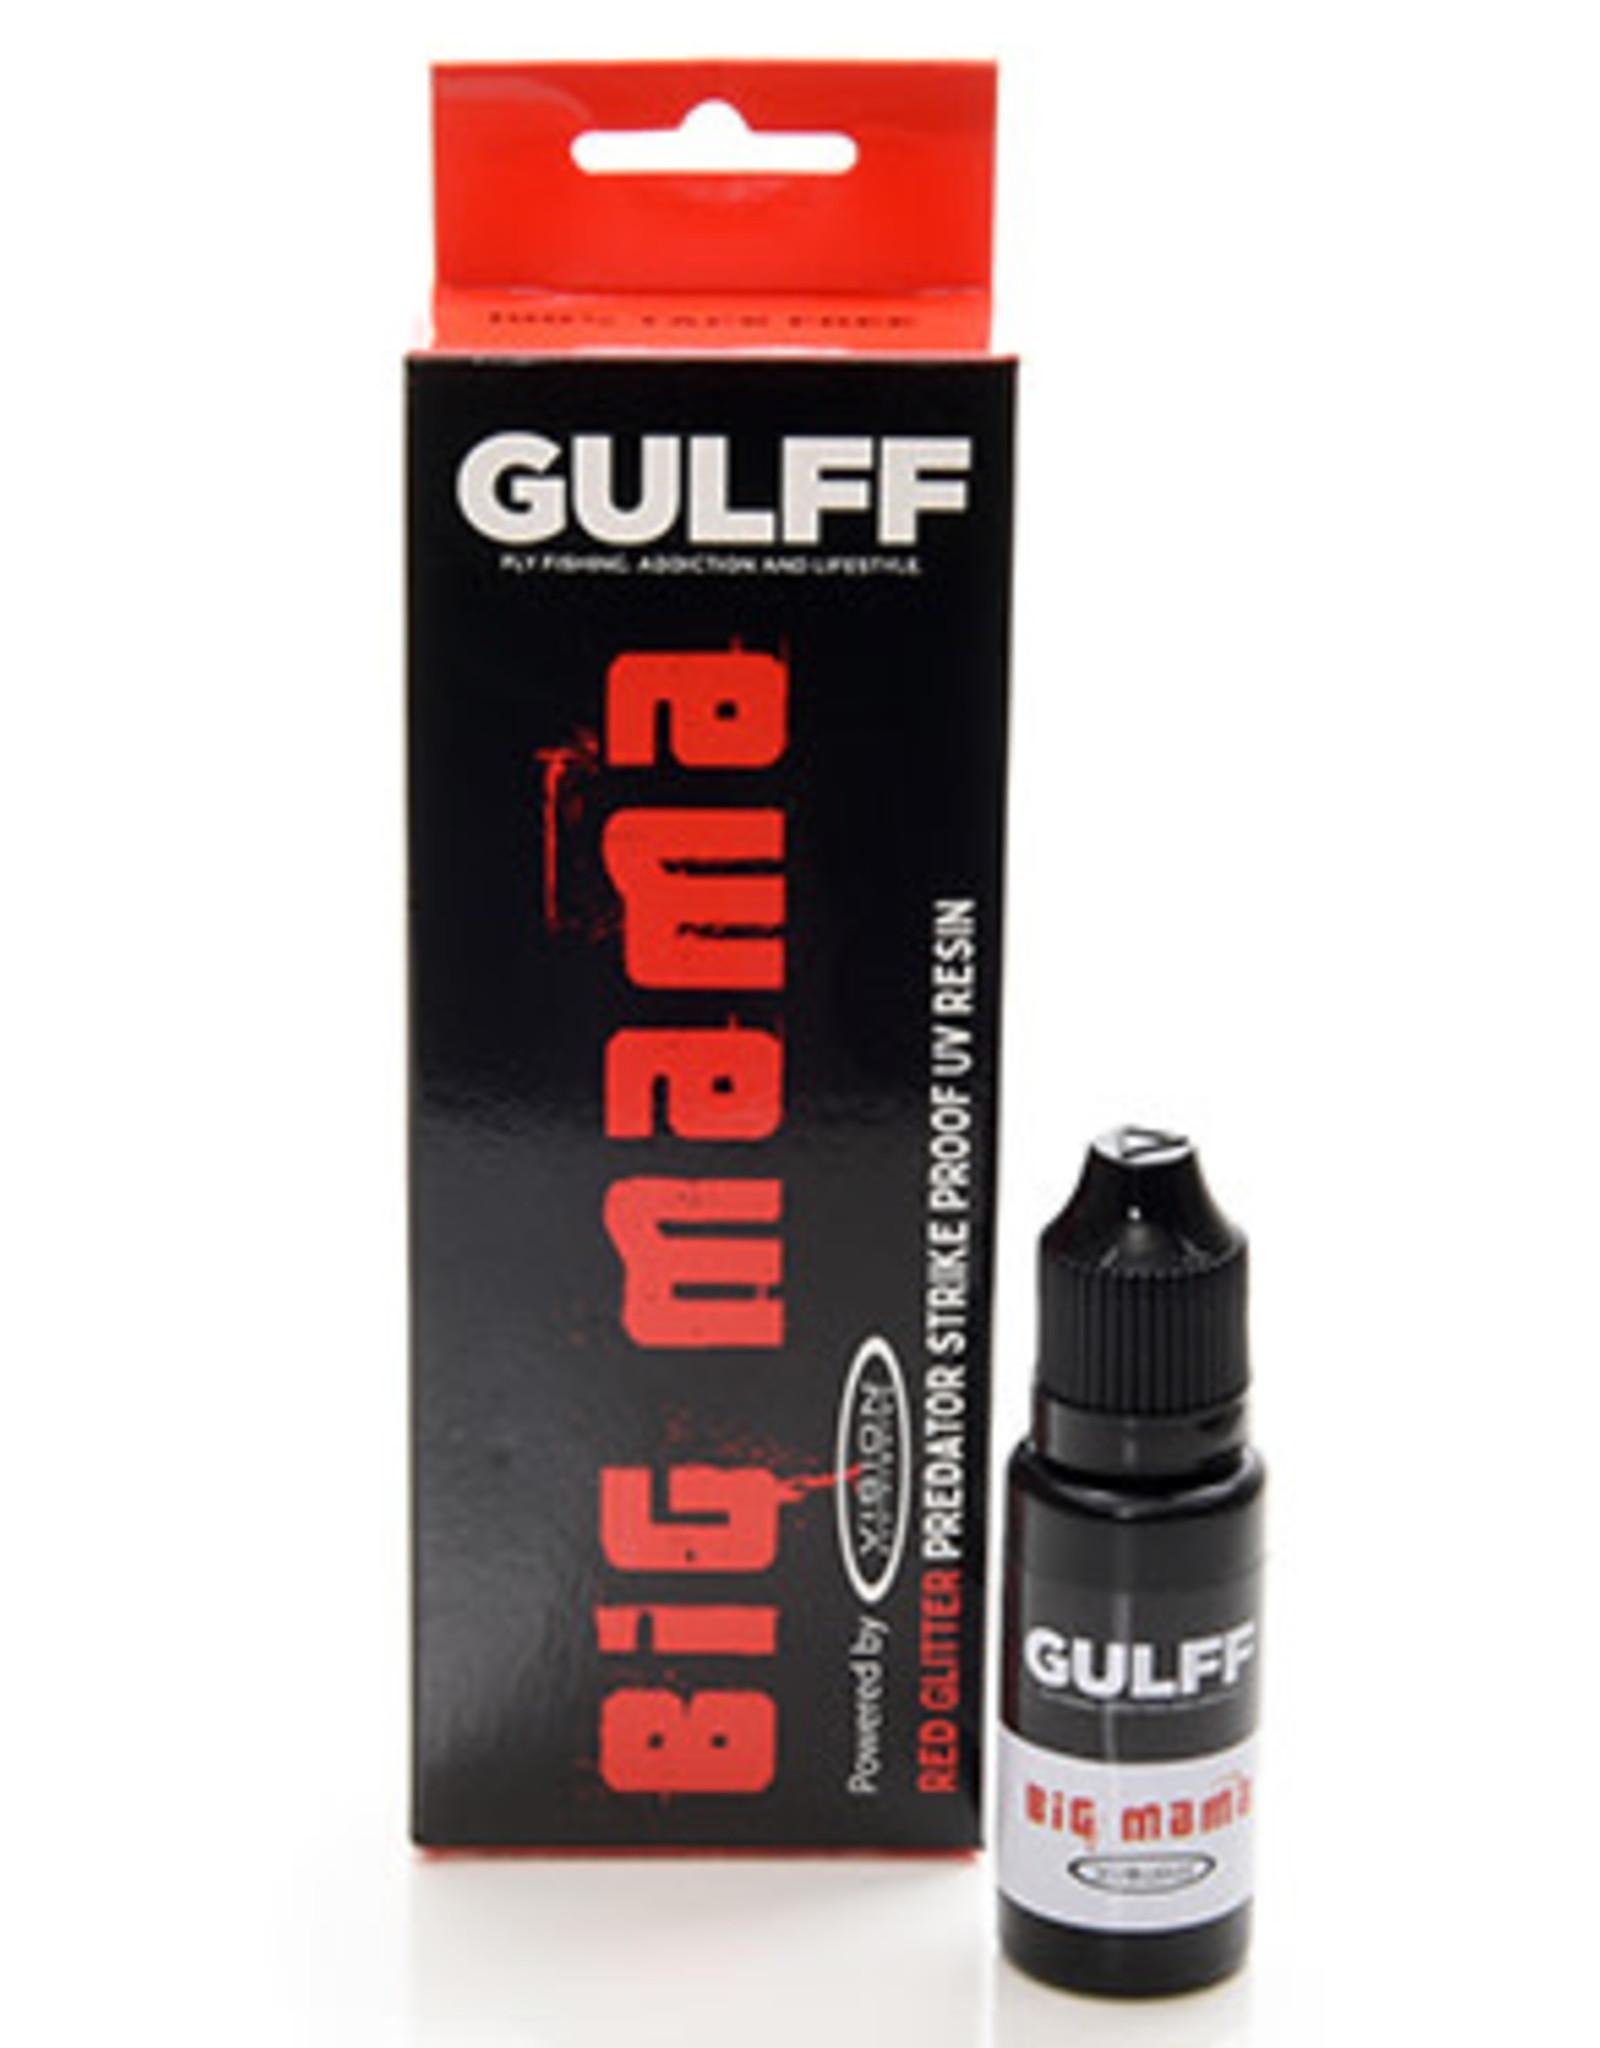 Gulff Gulff Big Mama Red Glitter